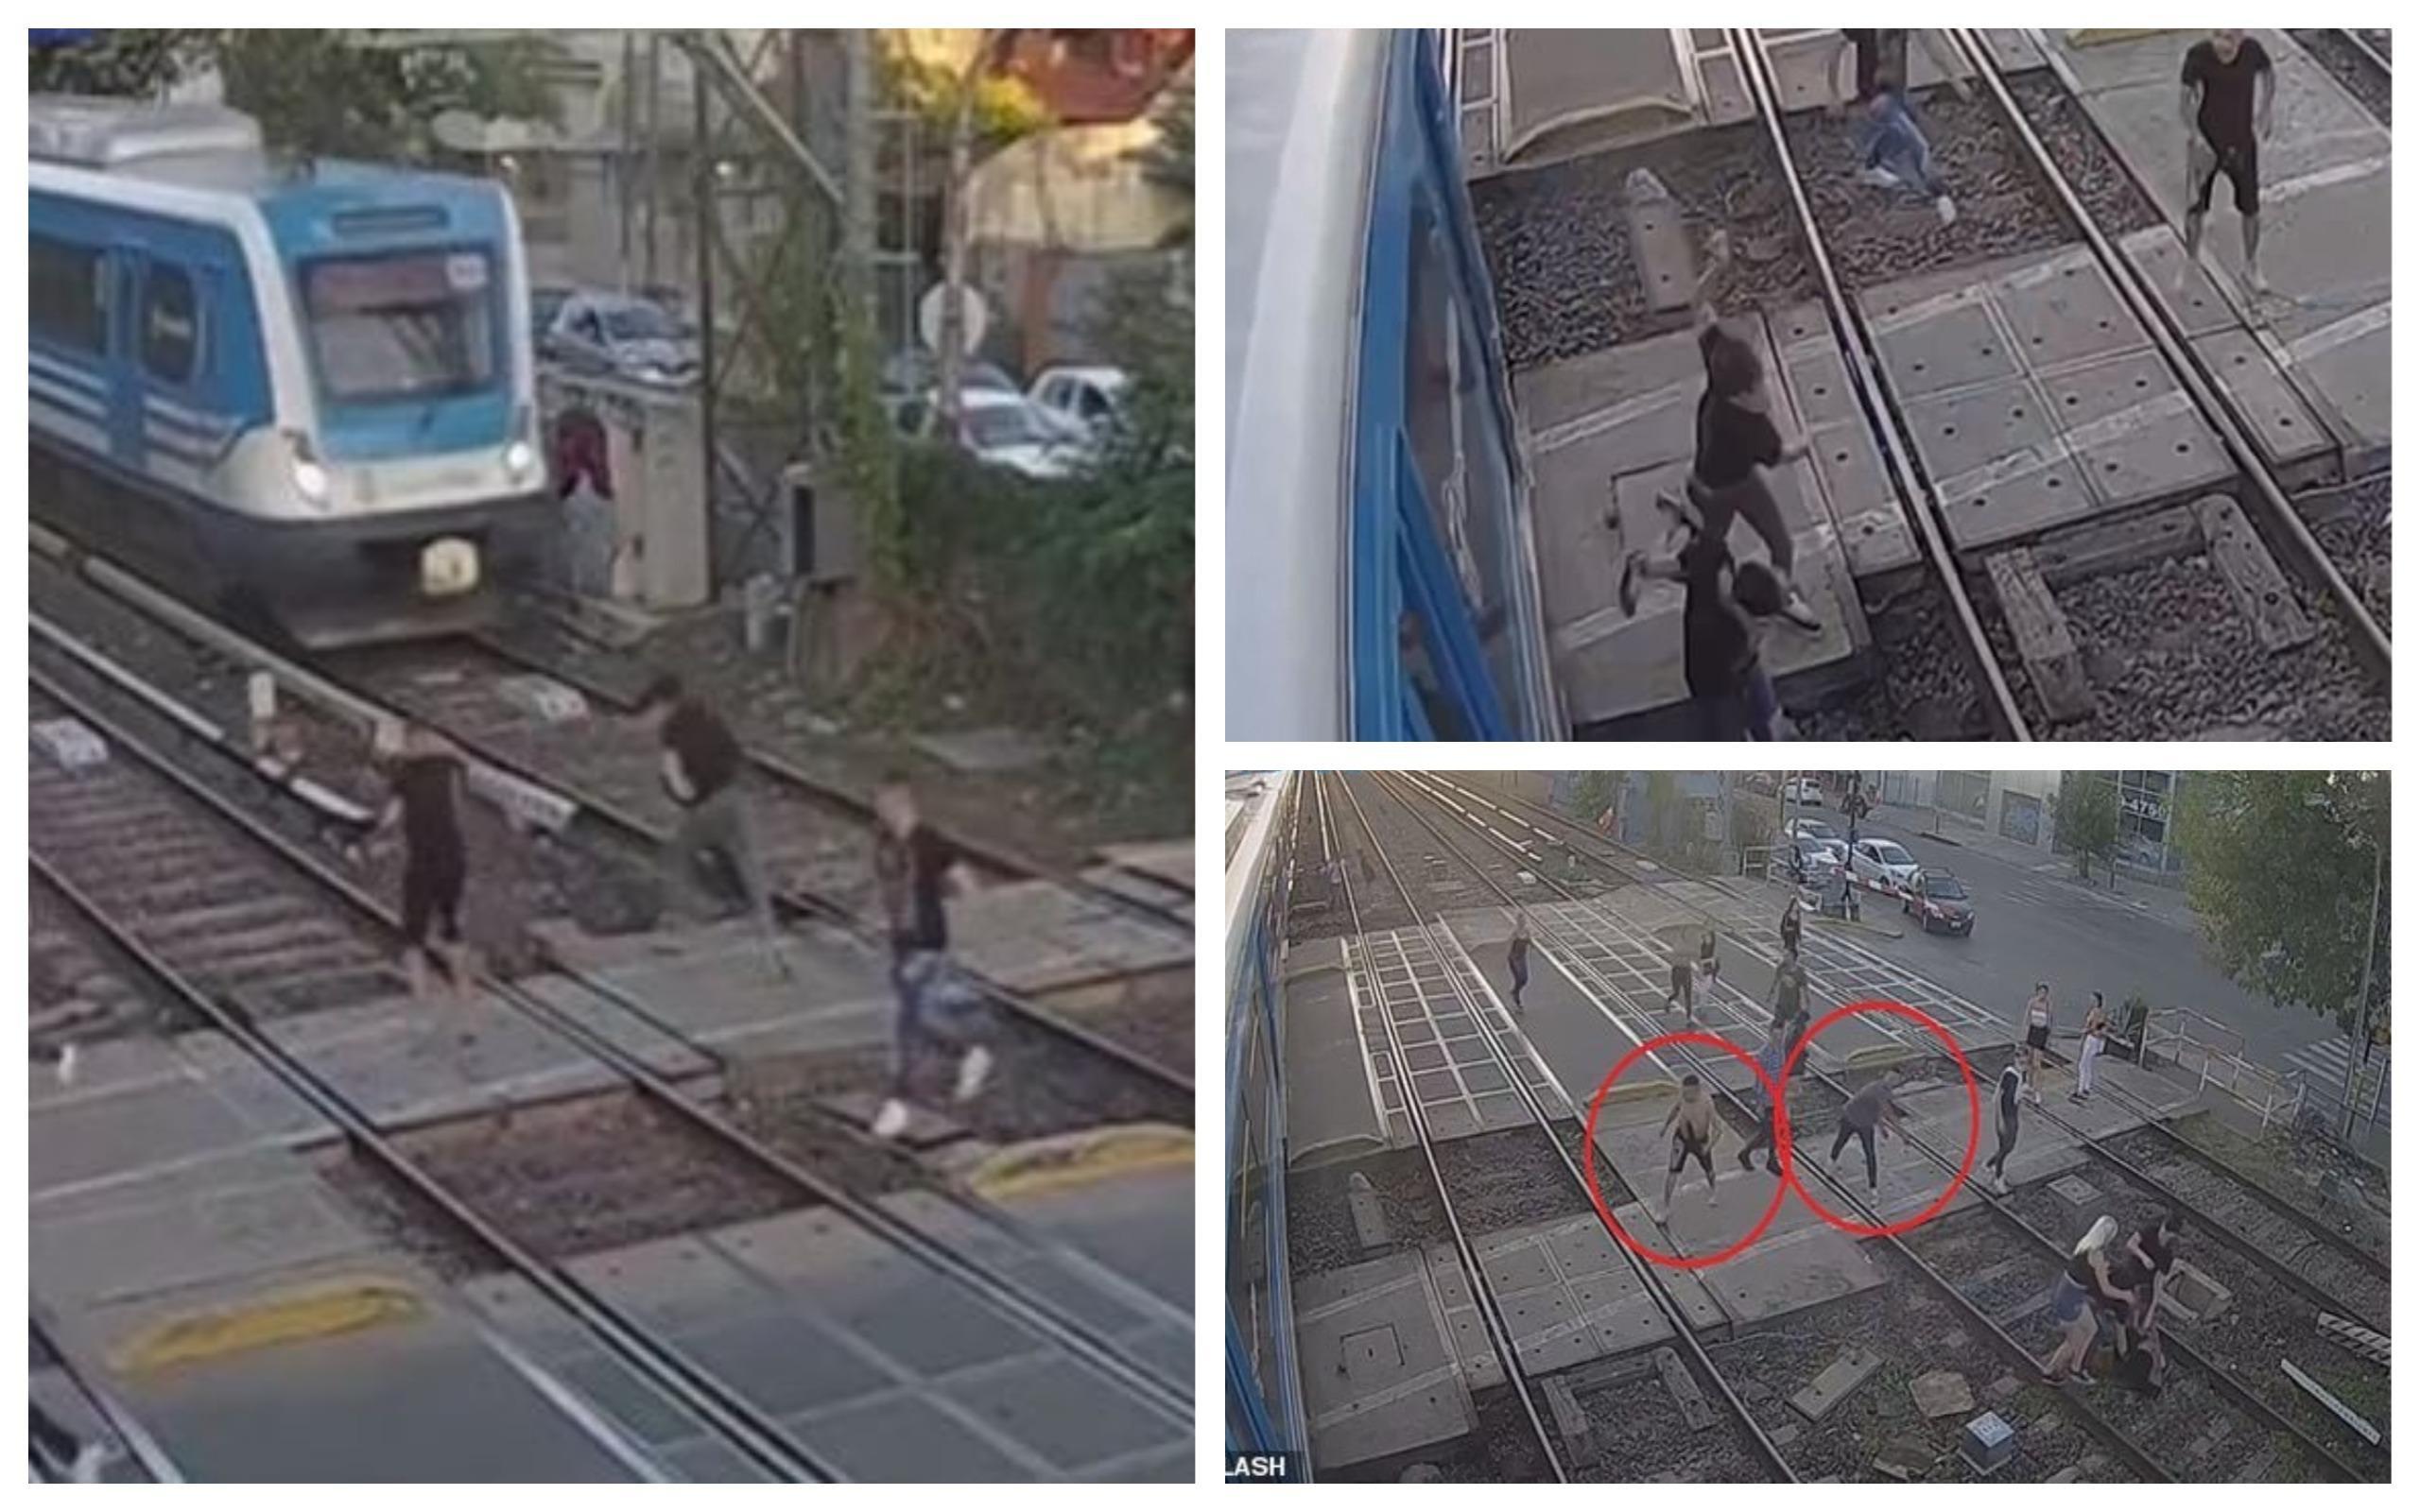 Răfuială între interlopi pe șinele de tren, în Argentina. Un tren evită la limită doi dintre bătăuși